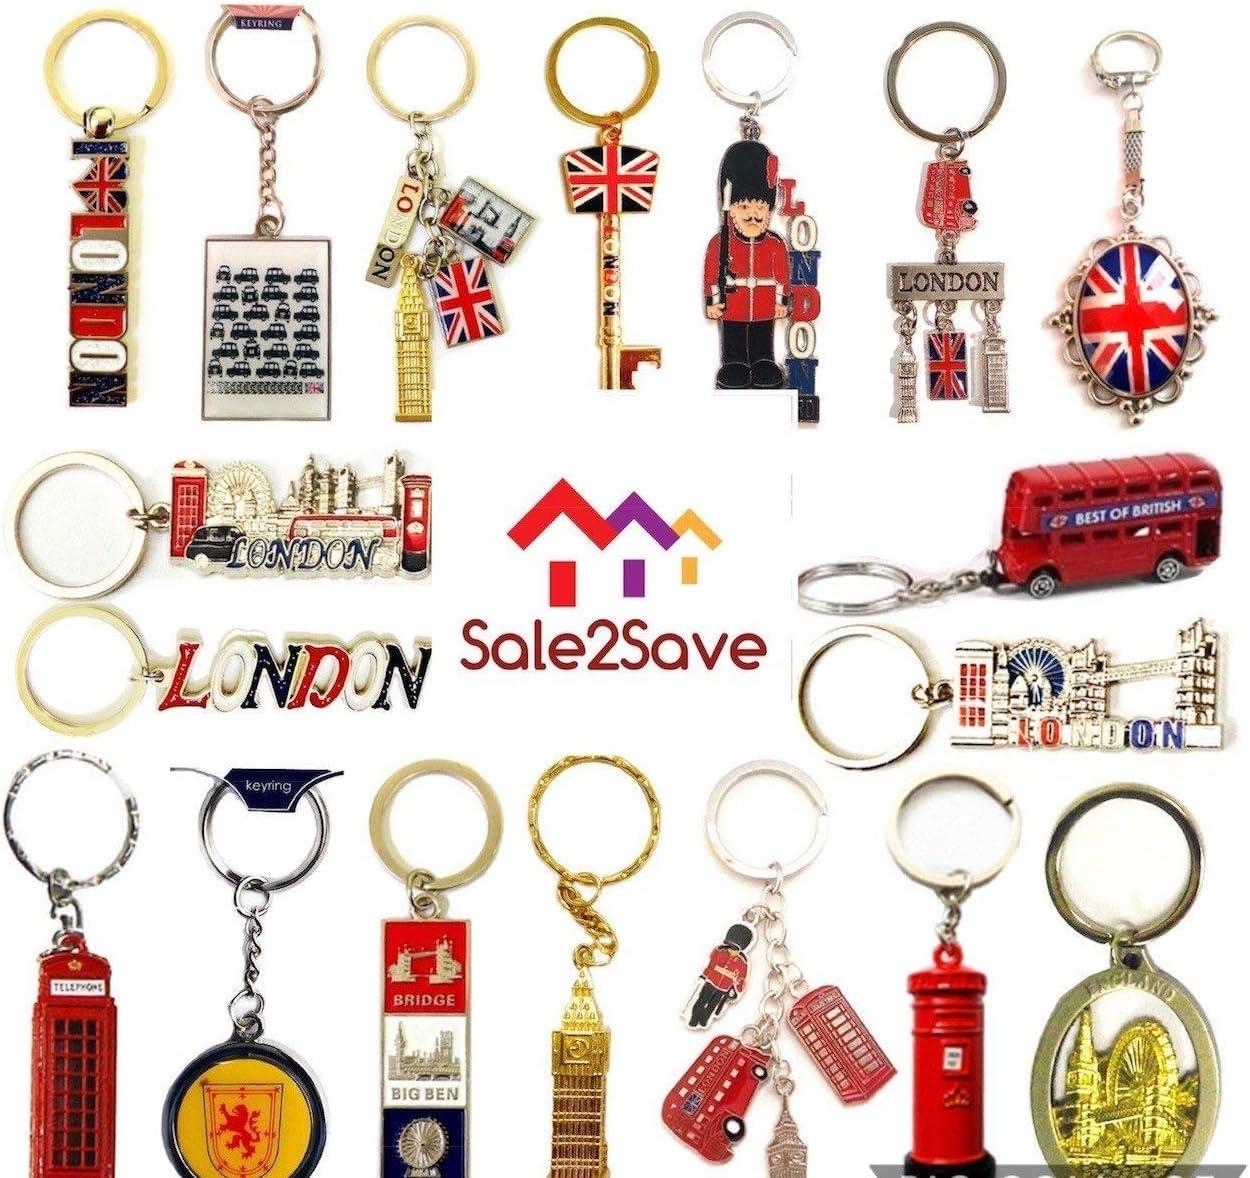 BRITISH KEYRINGS LONDON ENGLAND SOUVENIRS UNION JACK KEY CHAINS TOP 12 KEY RINGS